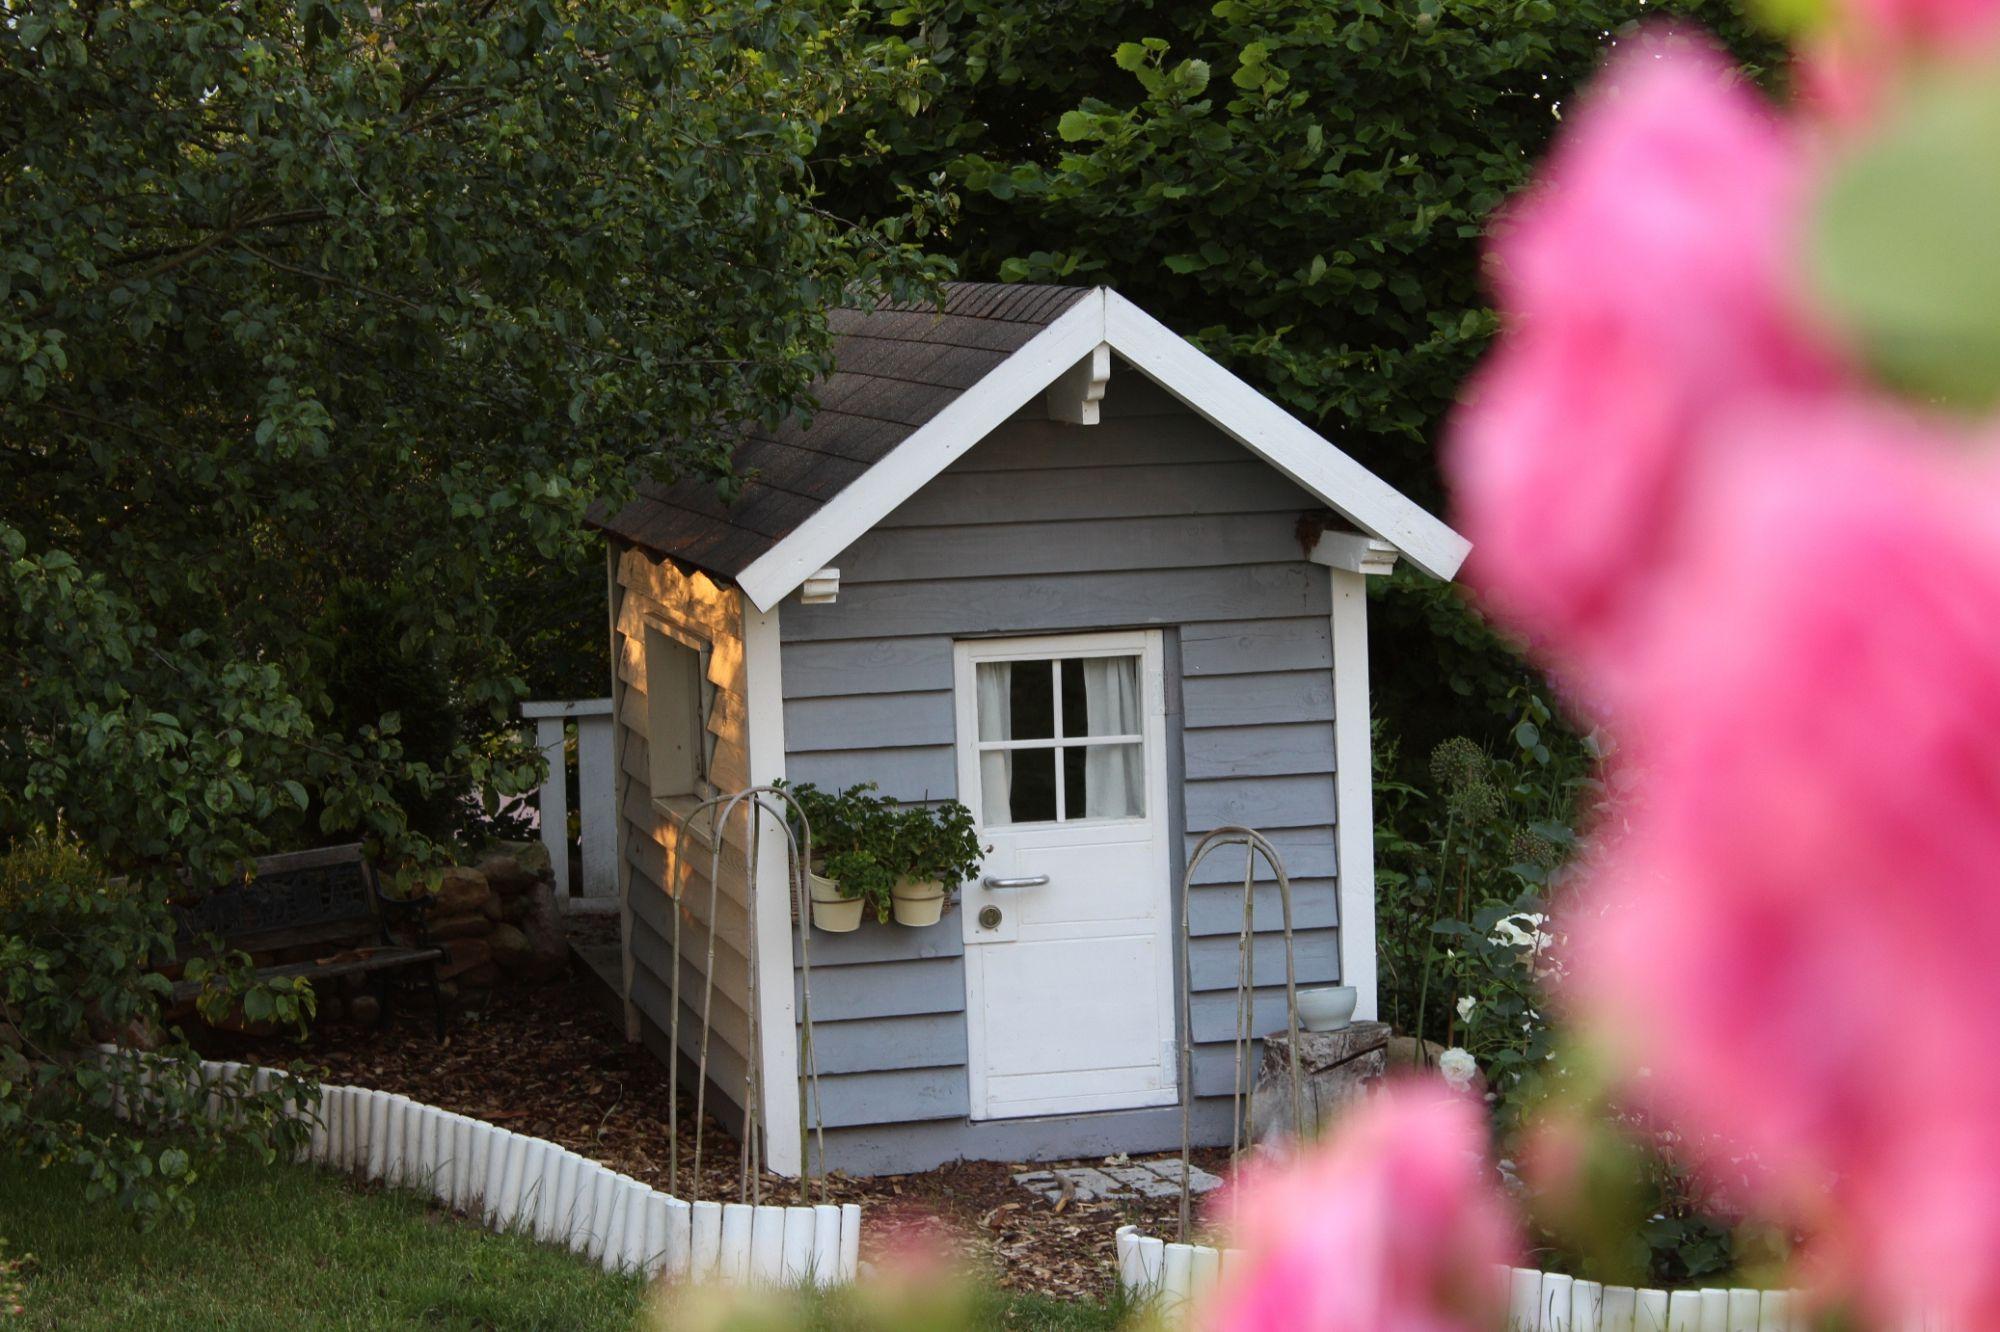 Garten, Der Rabe im Schlamm, Gartenhaus, Spielhäuschen, Kinderhaus